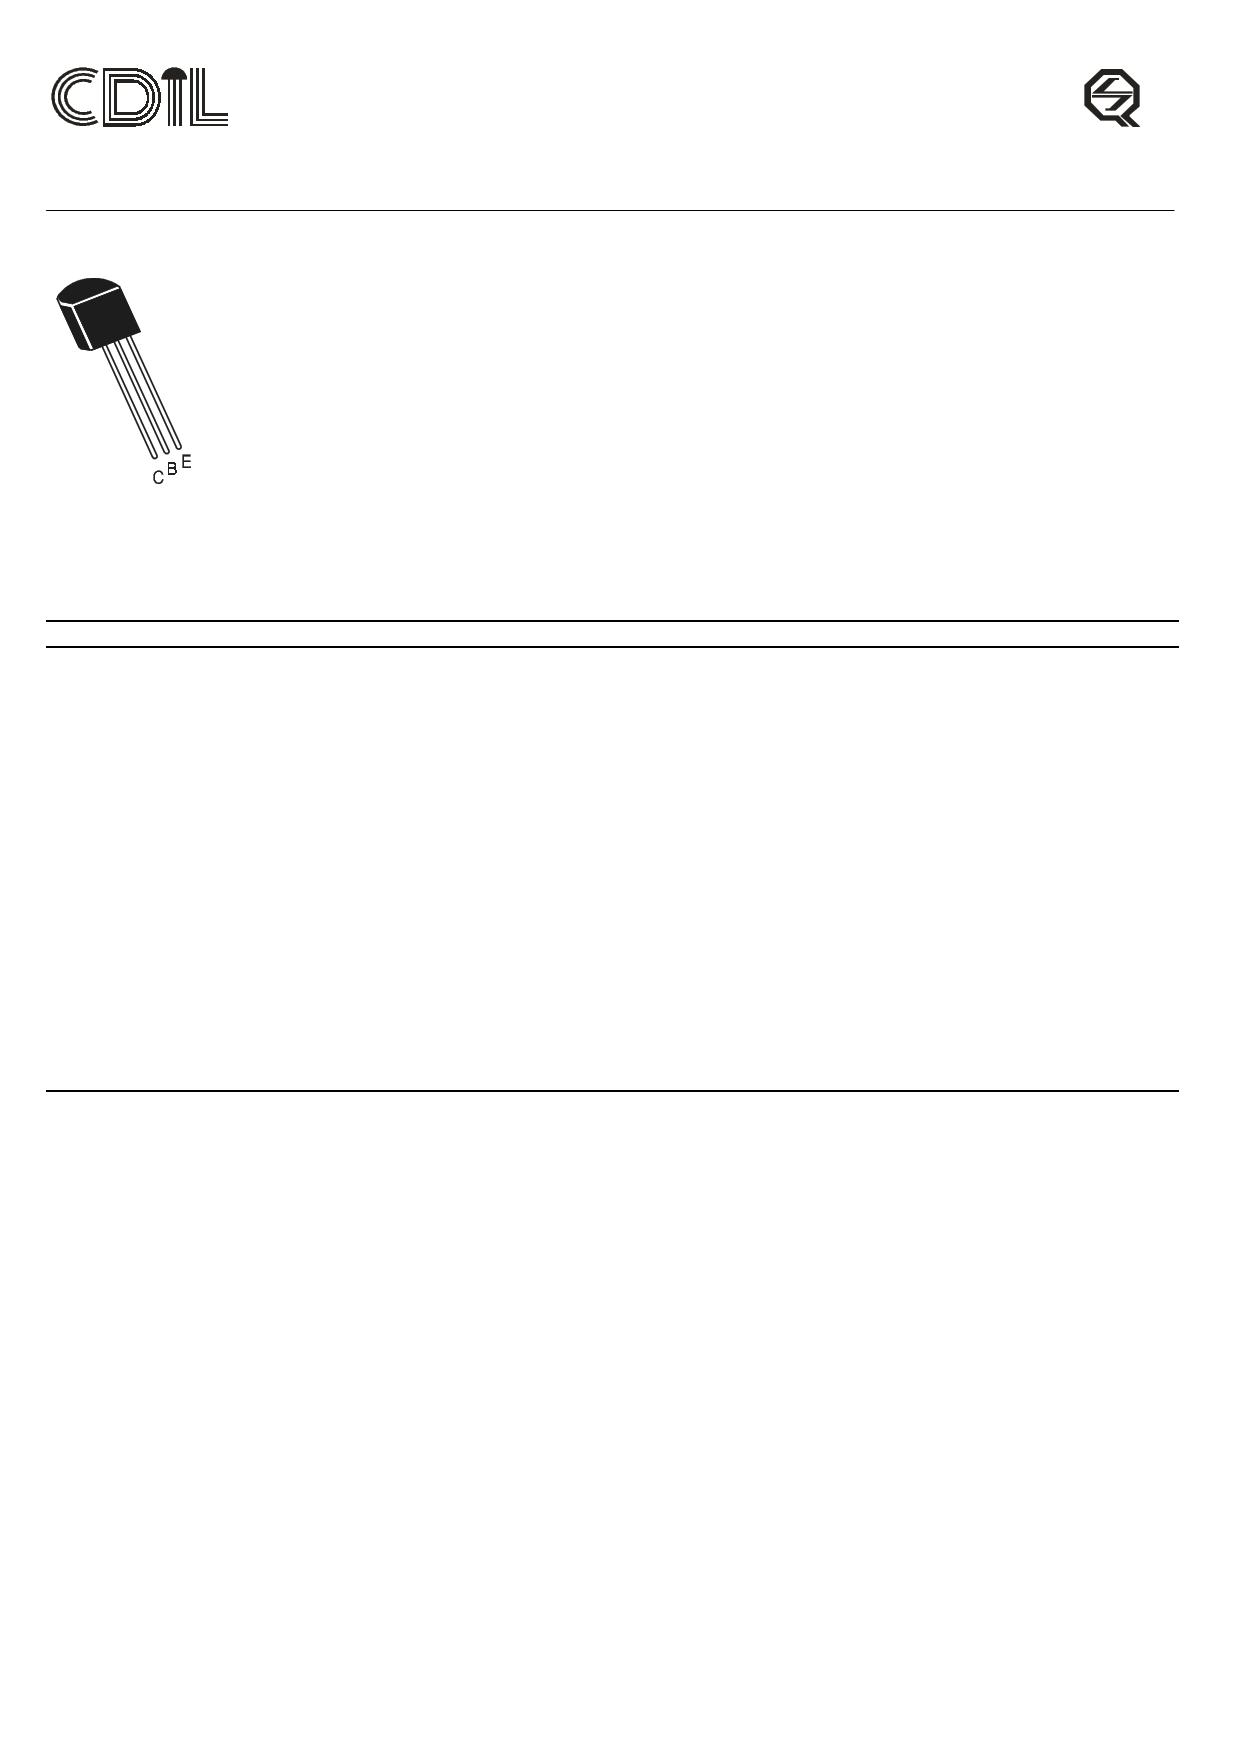 BC446B 데이터시트 및 BC446B PDF